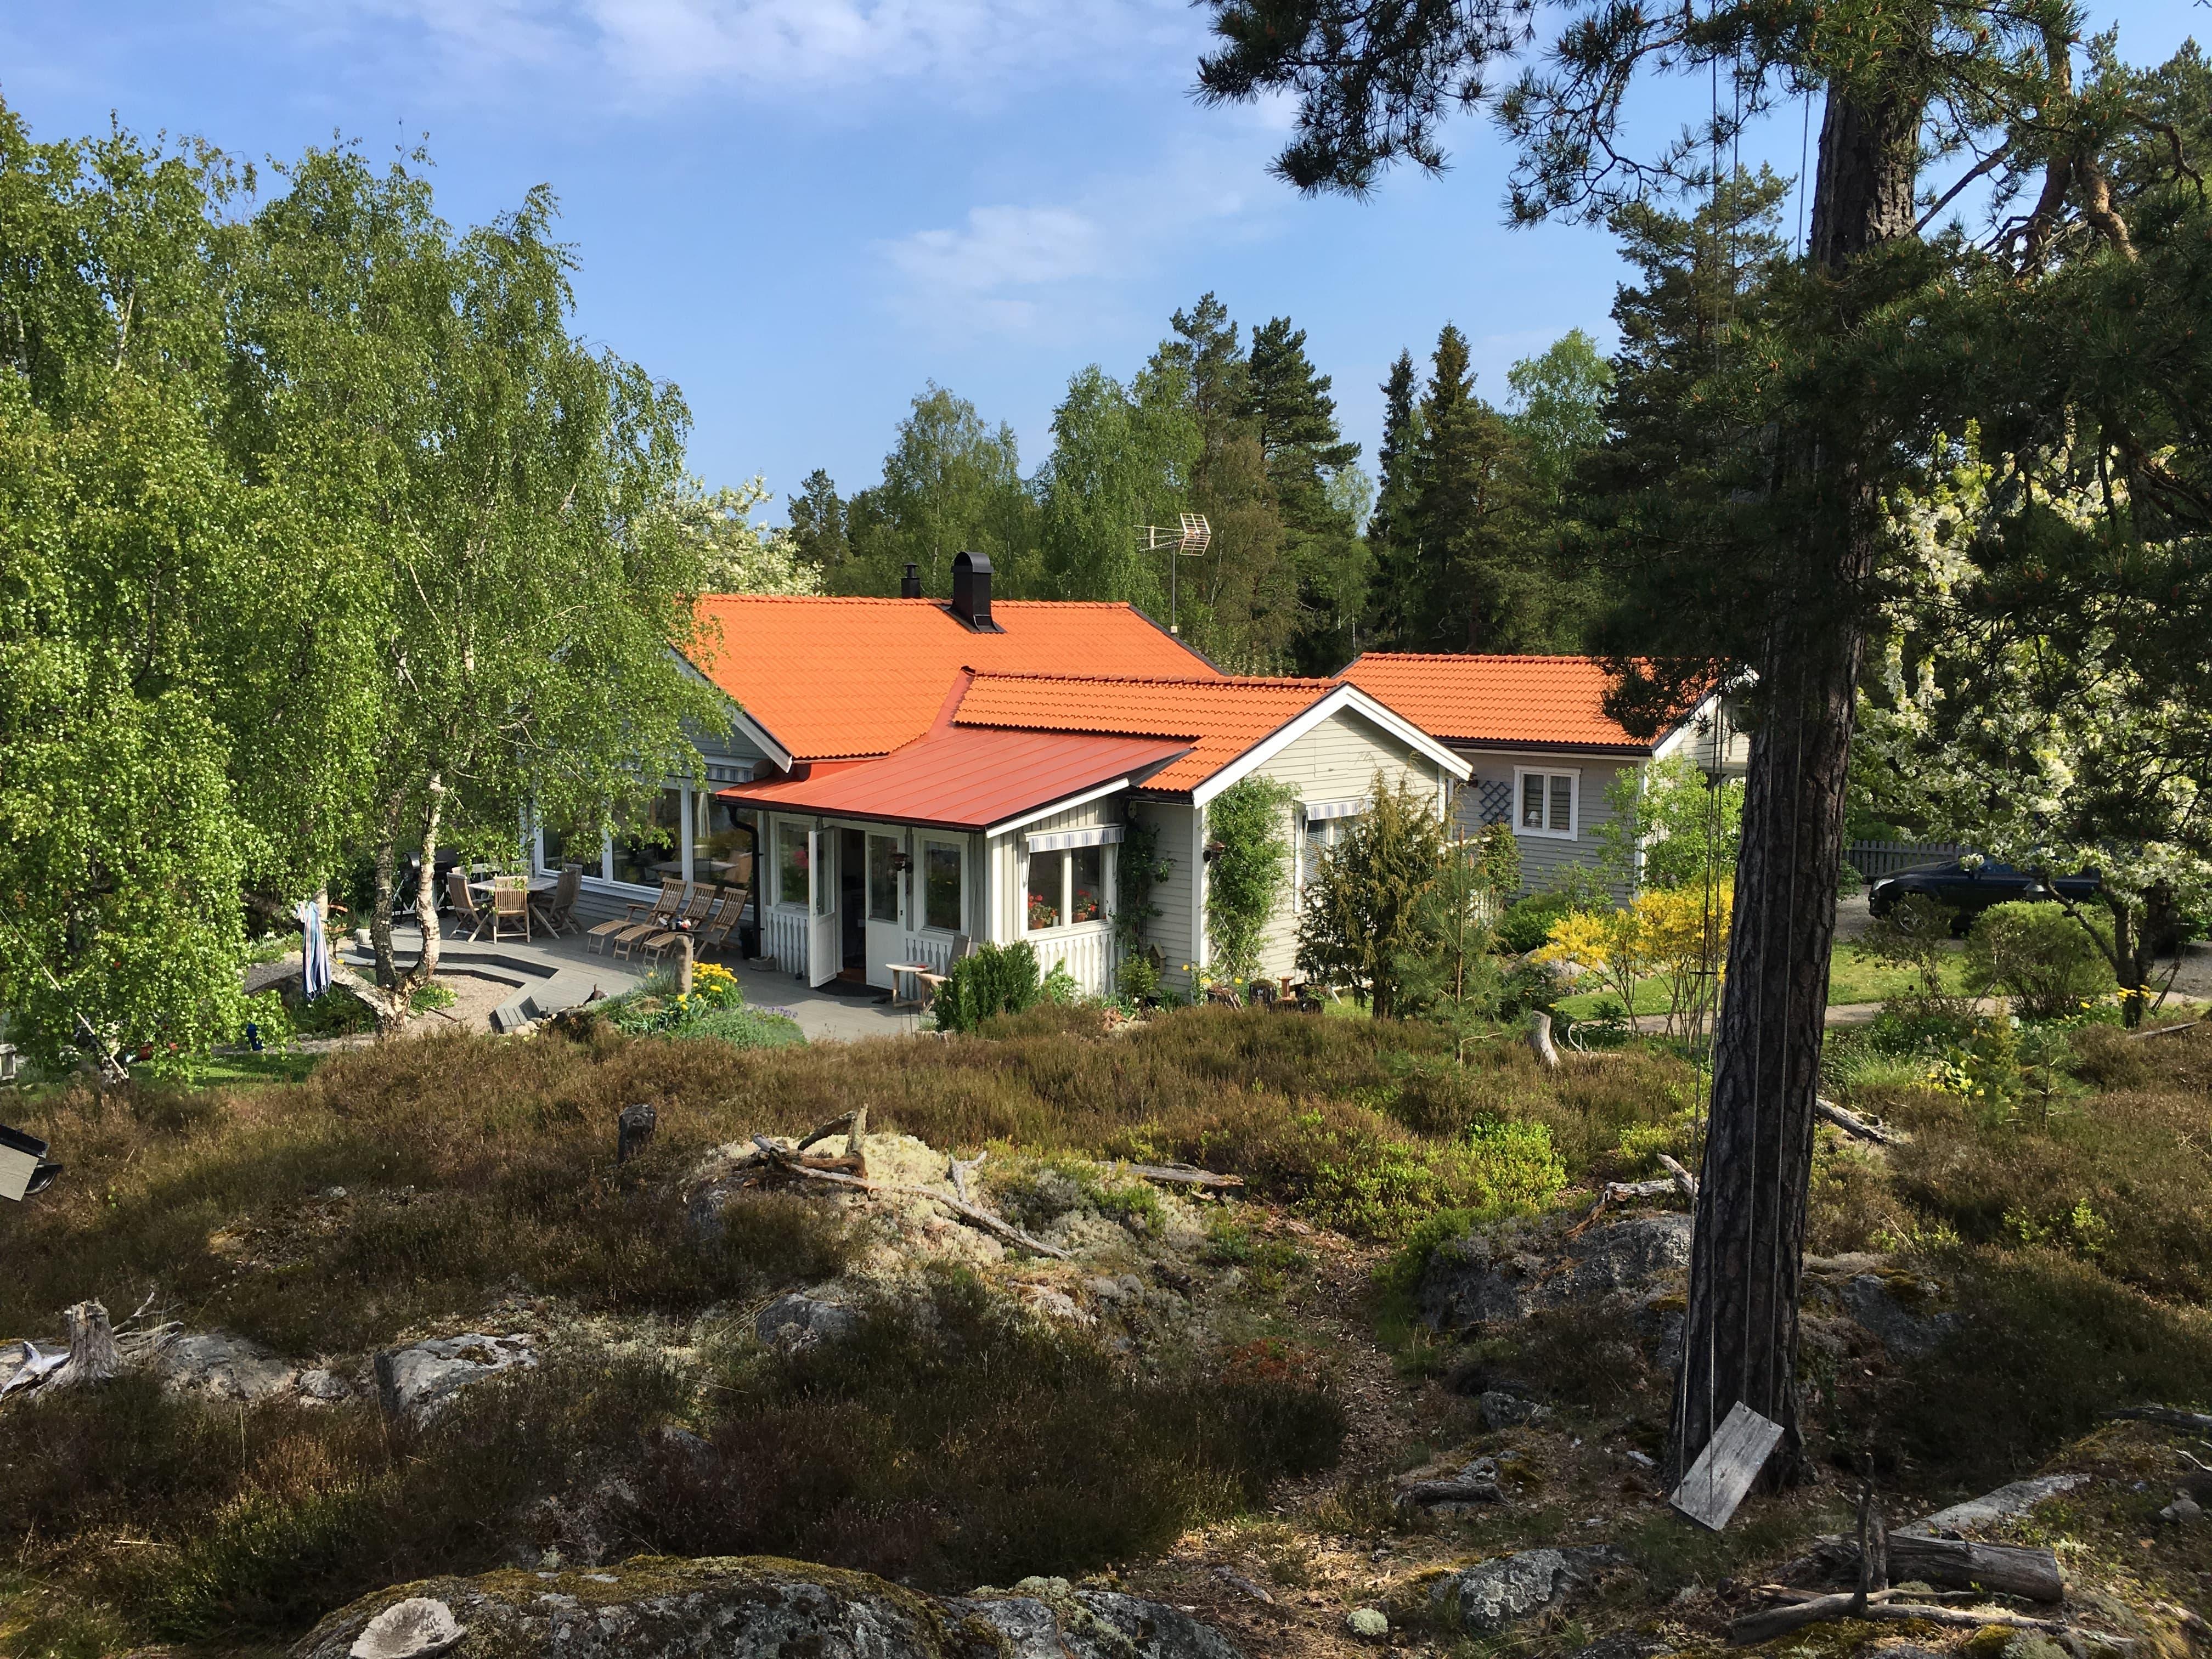 Takläggare Sorunda / takarbete Nynäshamn